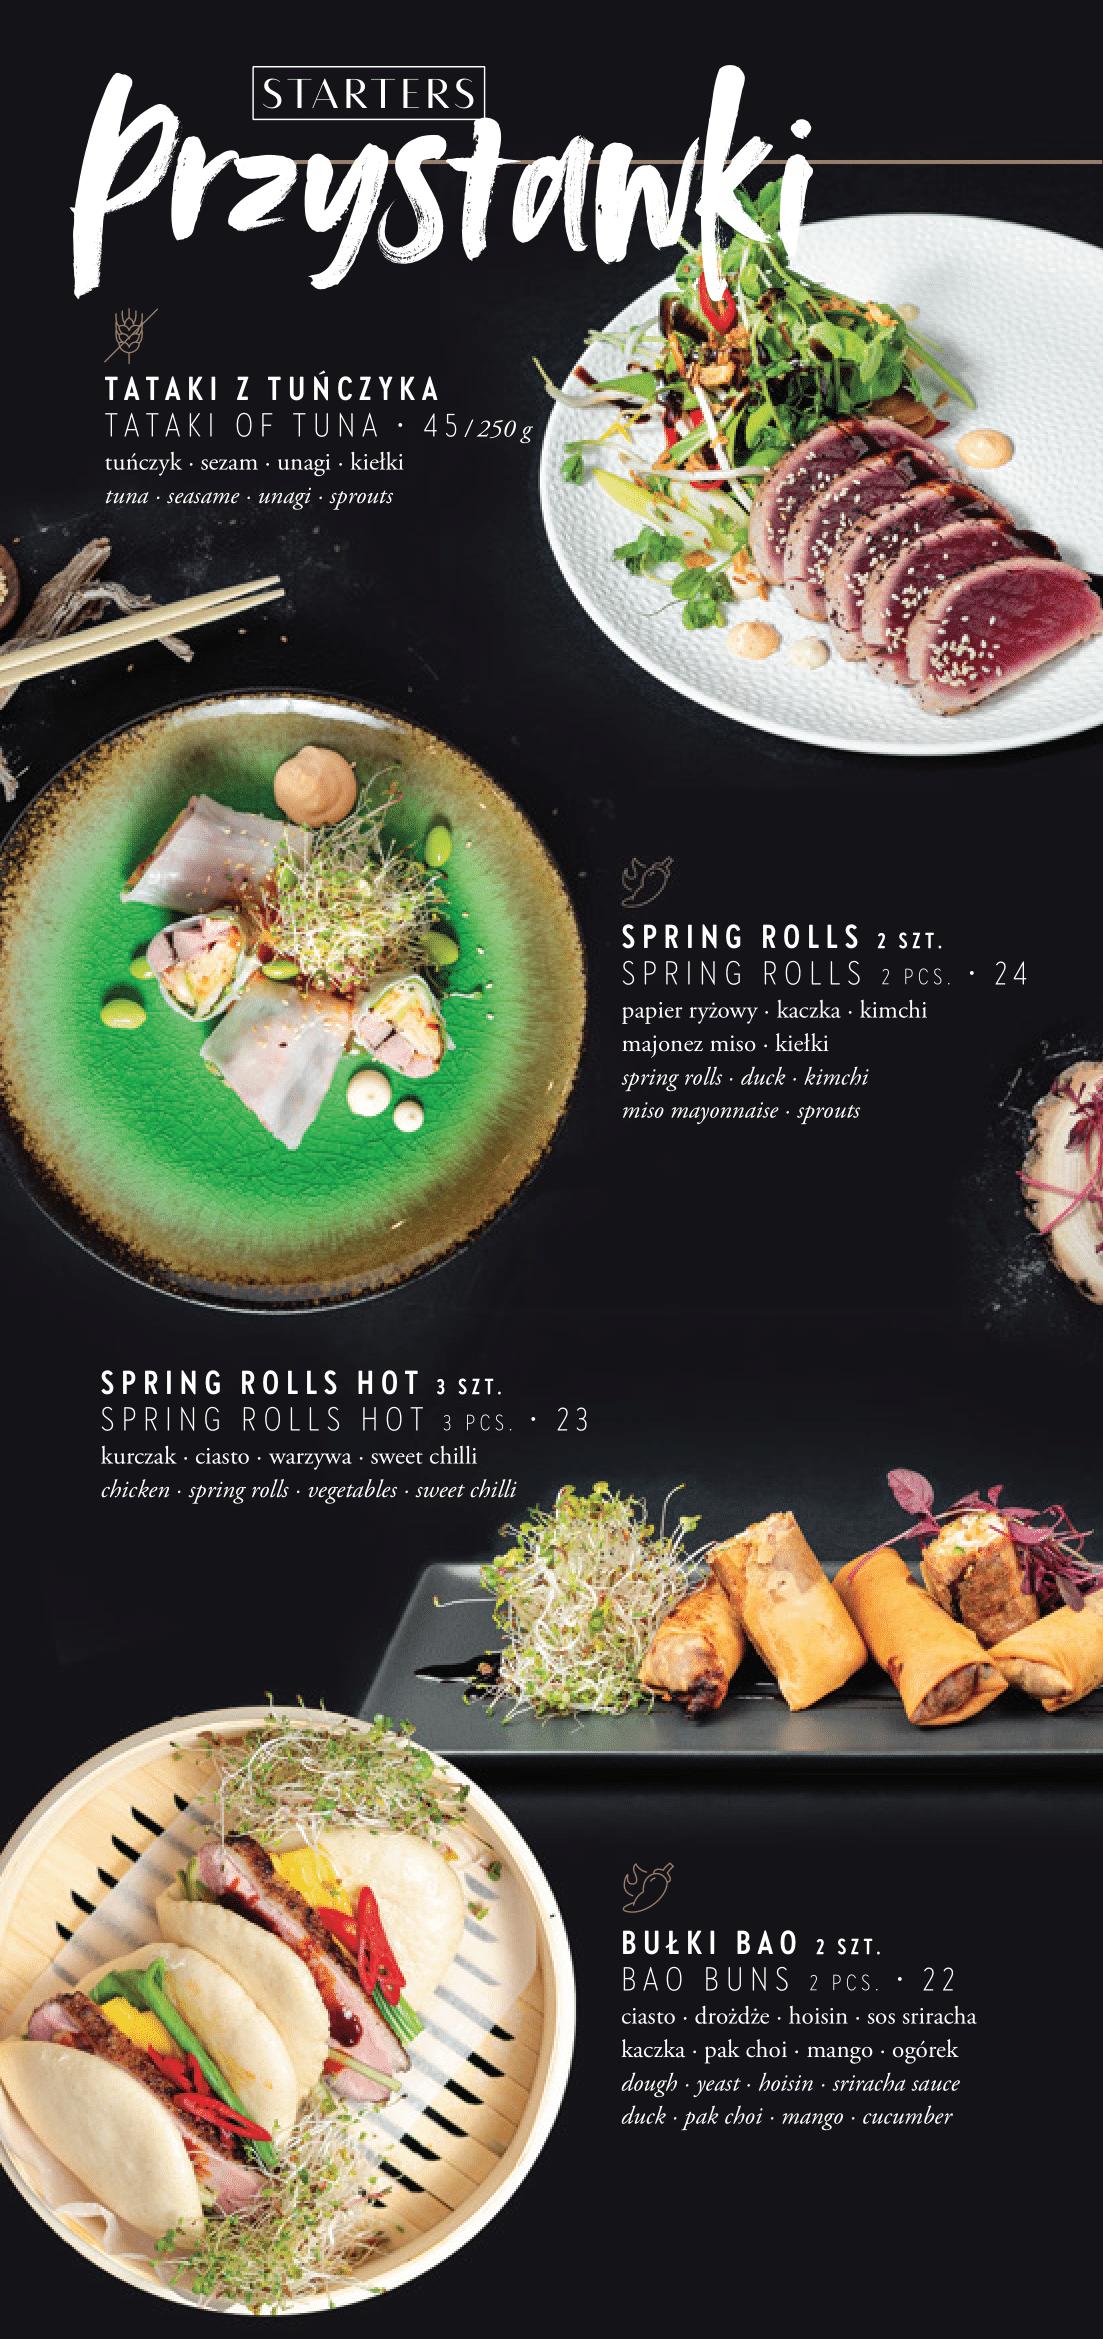 Tabu Sushi Największa Restauracja Sushi W łodzi